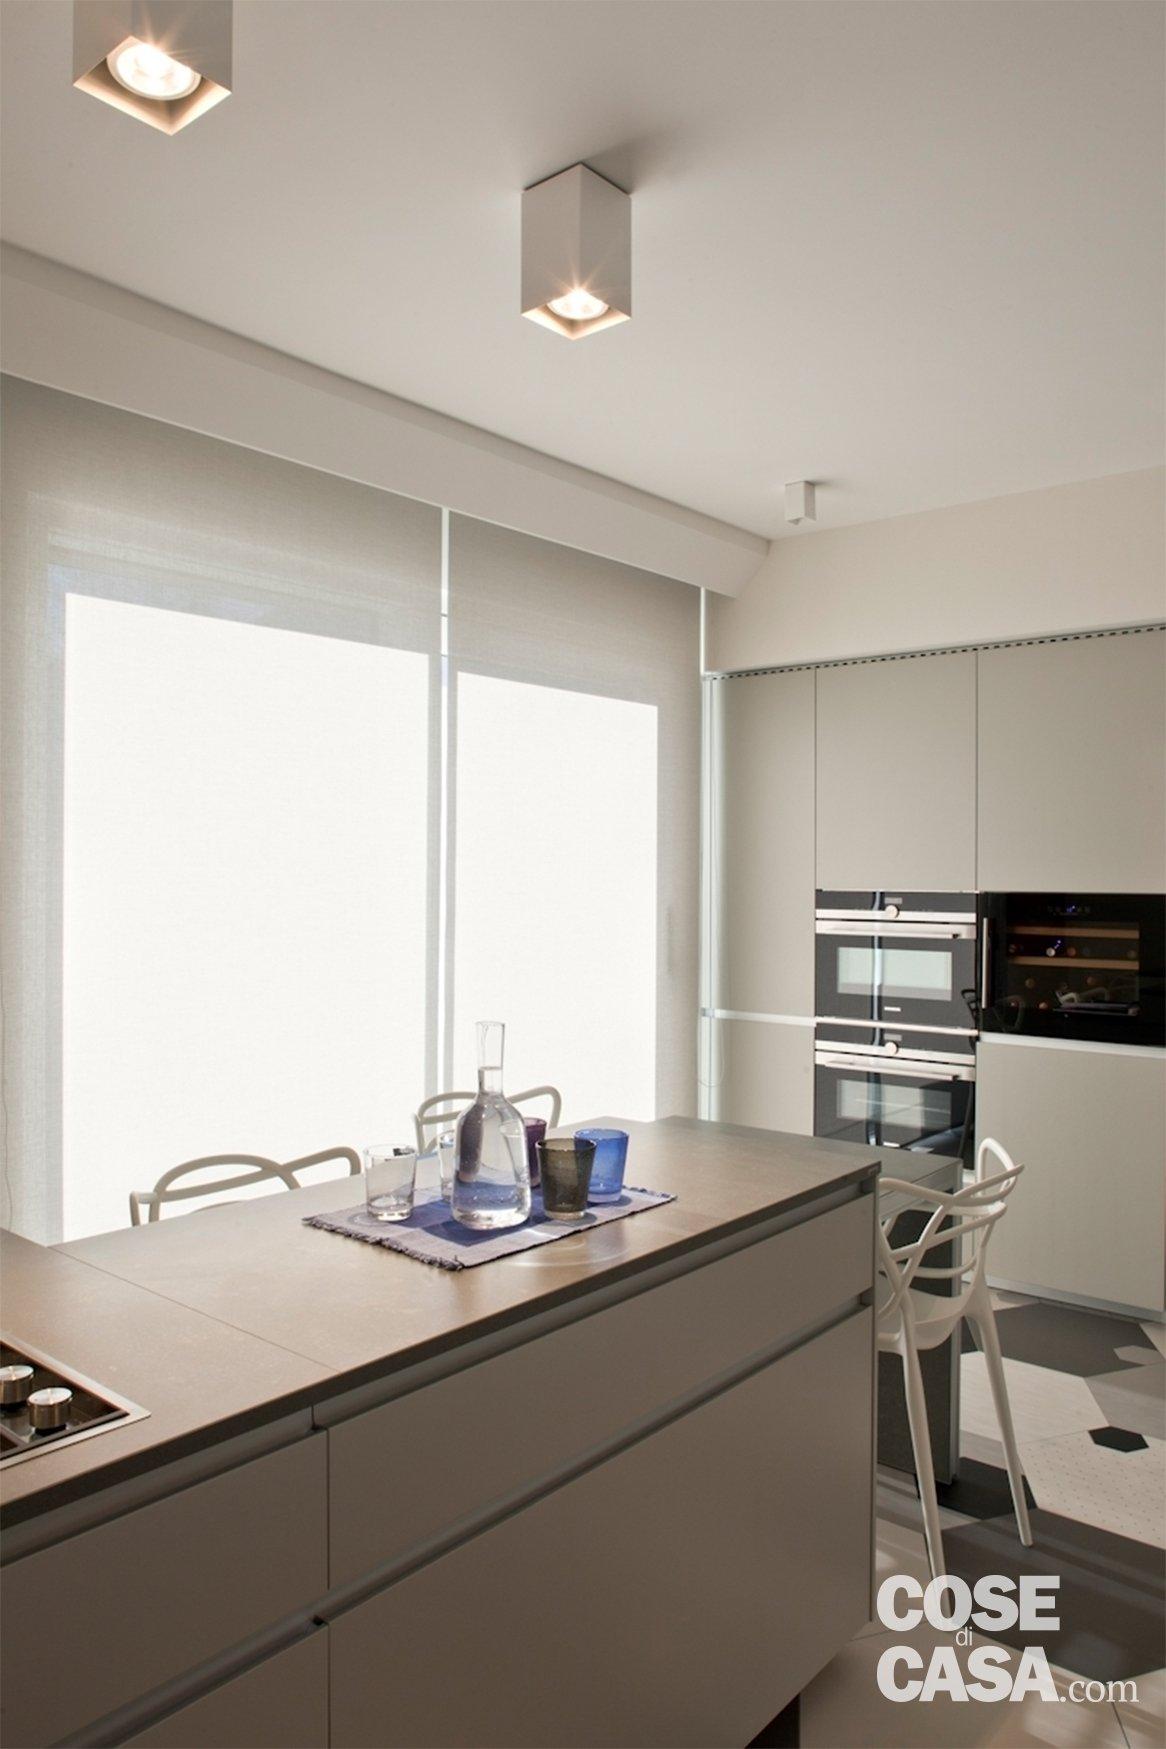 Soluzioni da copiare nella casa con percorso di piastrelle esagonali libreria che divide e - Soluzioni no piastrelle cucina ...